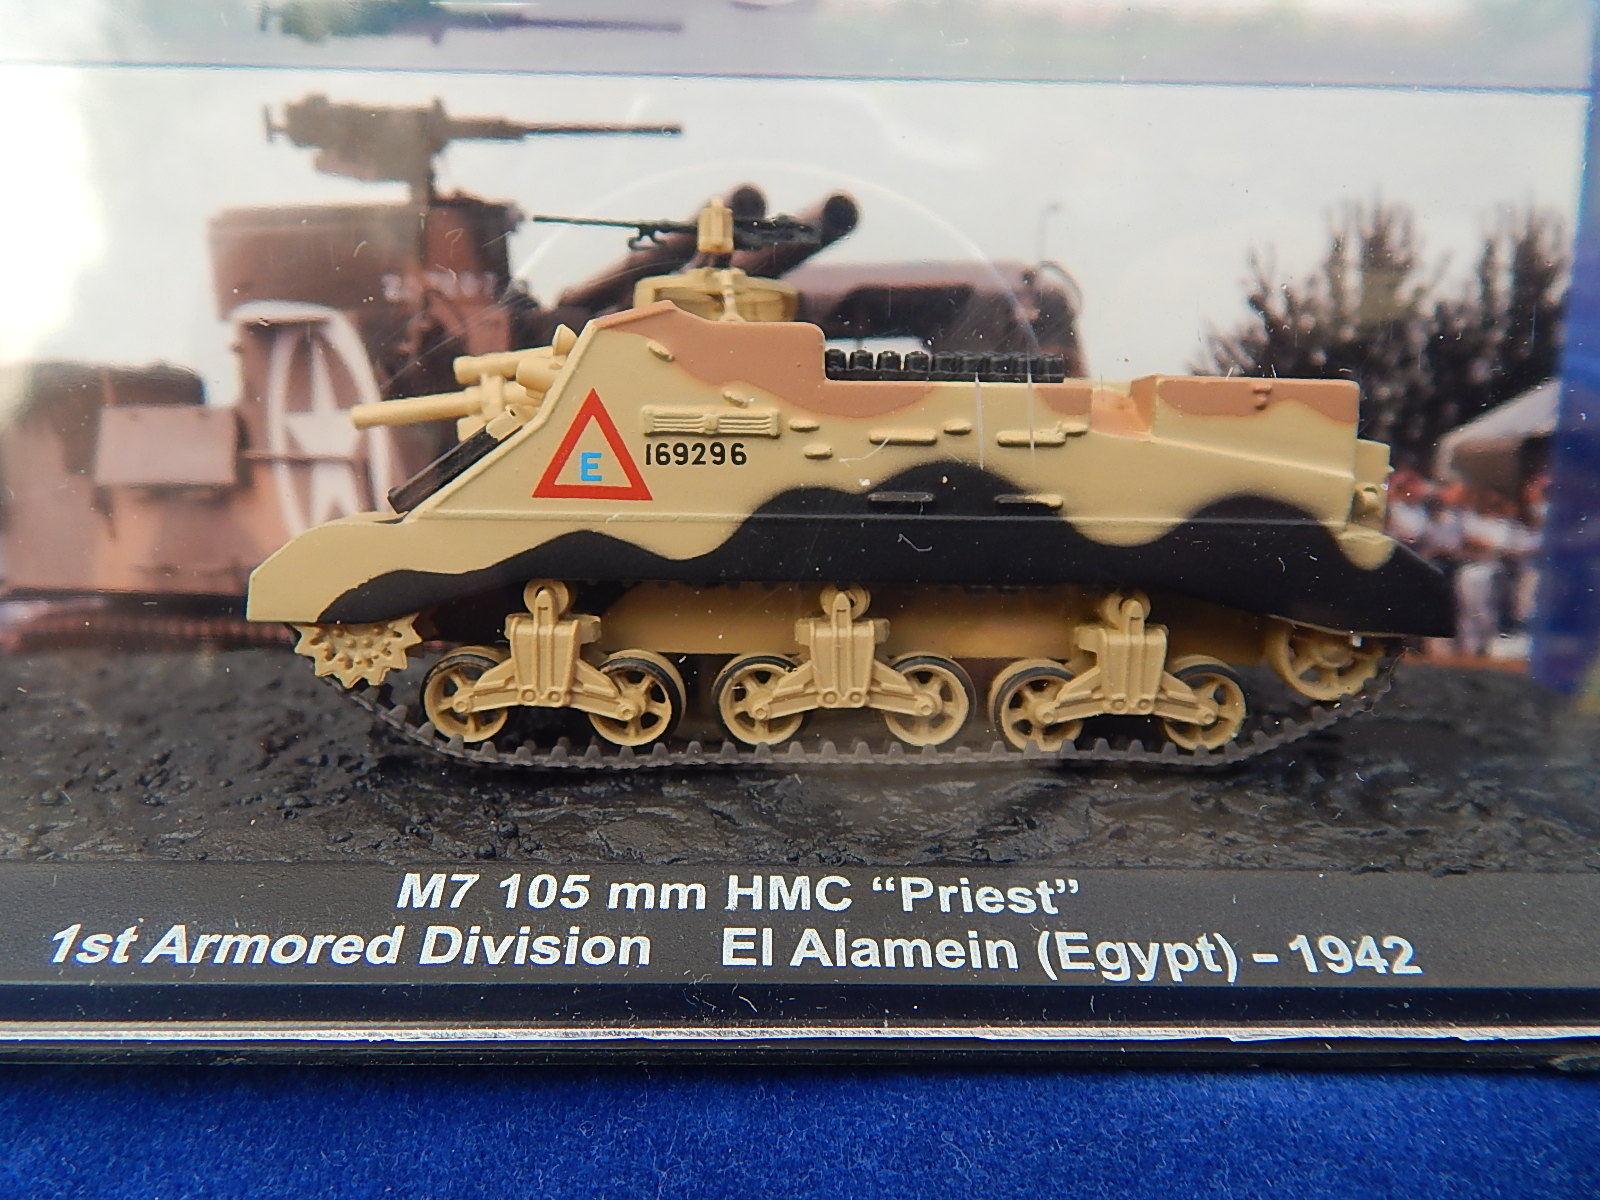 ALTAYA - MILITARIAT - WW2 WW2 WW2 - CHAR / Tank - M7 105 mm HMC PRIEST - 1942 - TOP ! 7ecb99